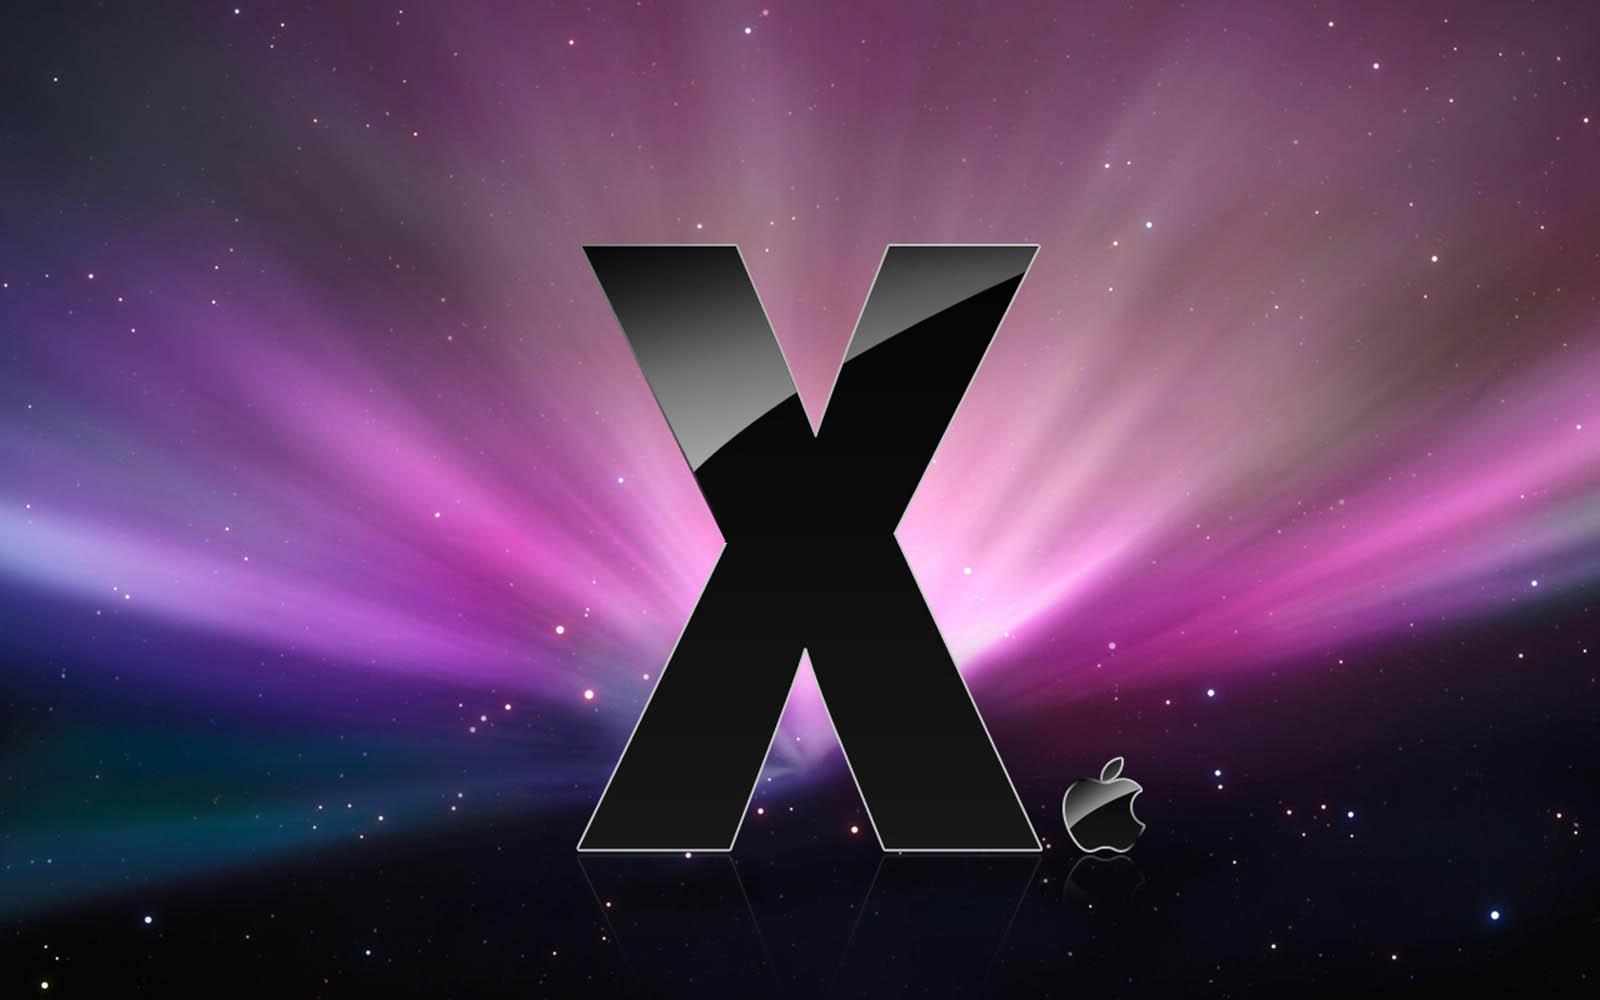 mac os x wallpapers mac os x desktop wallpapers mac os x desktop 1600x1000